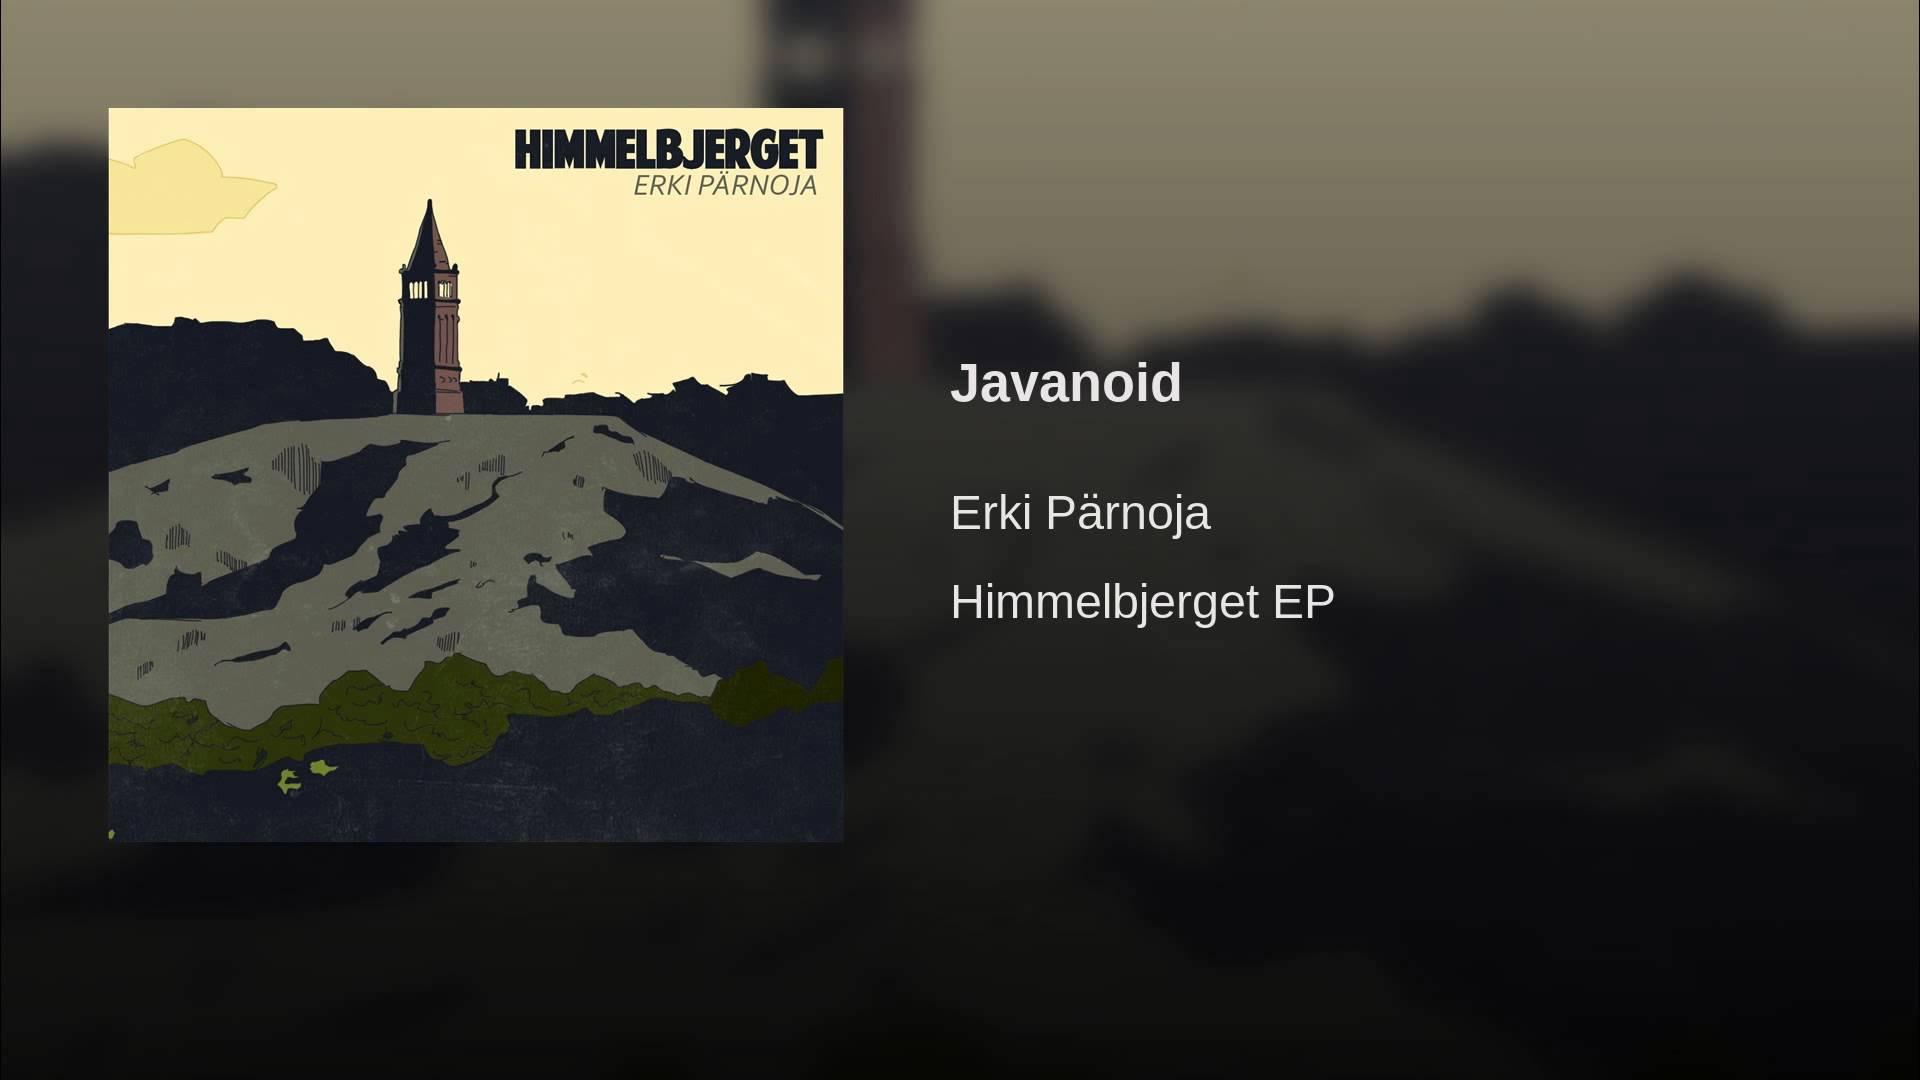 Erki Pärnoja – Javanoid